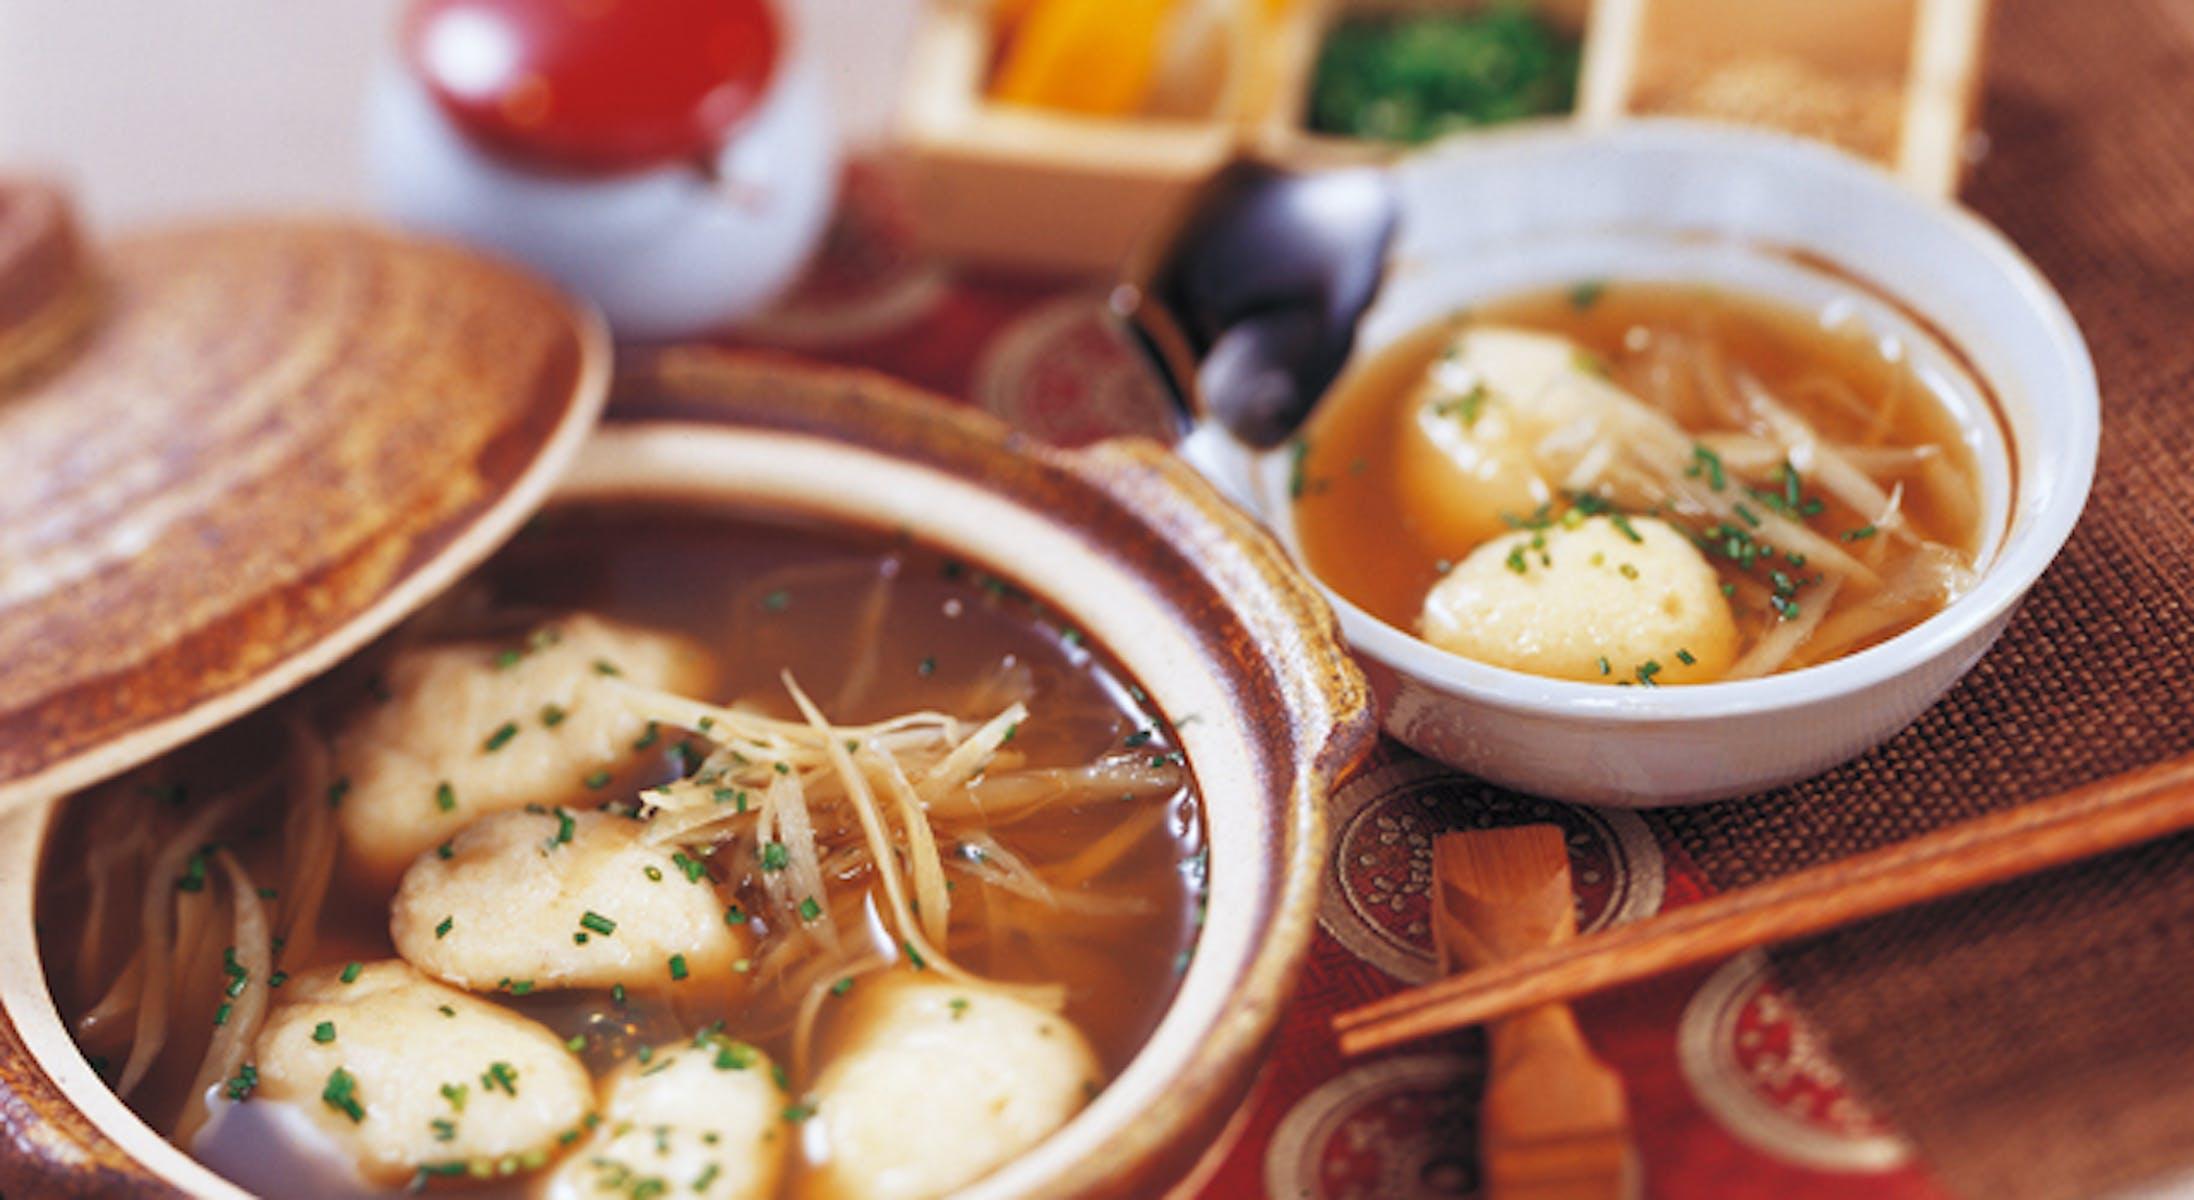 豆腐団子とごぼうの小鍋仕立て